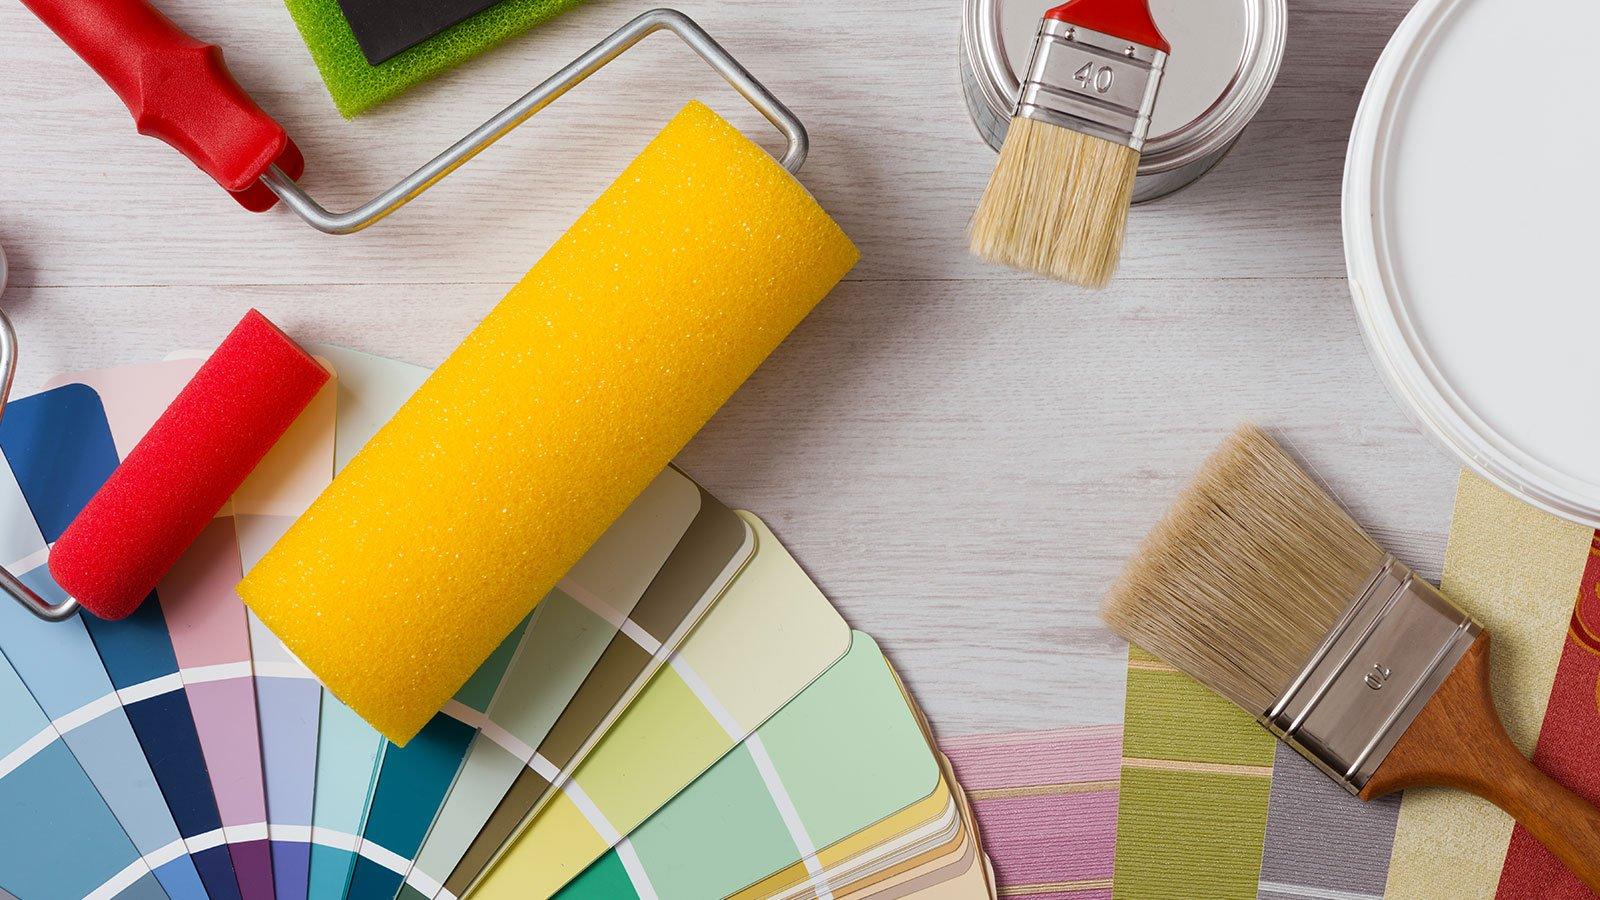 cartella colori, pennello e rullo